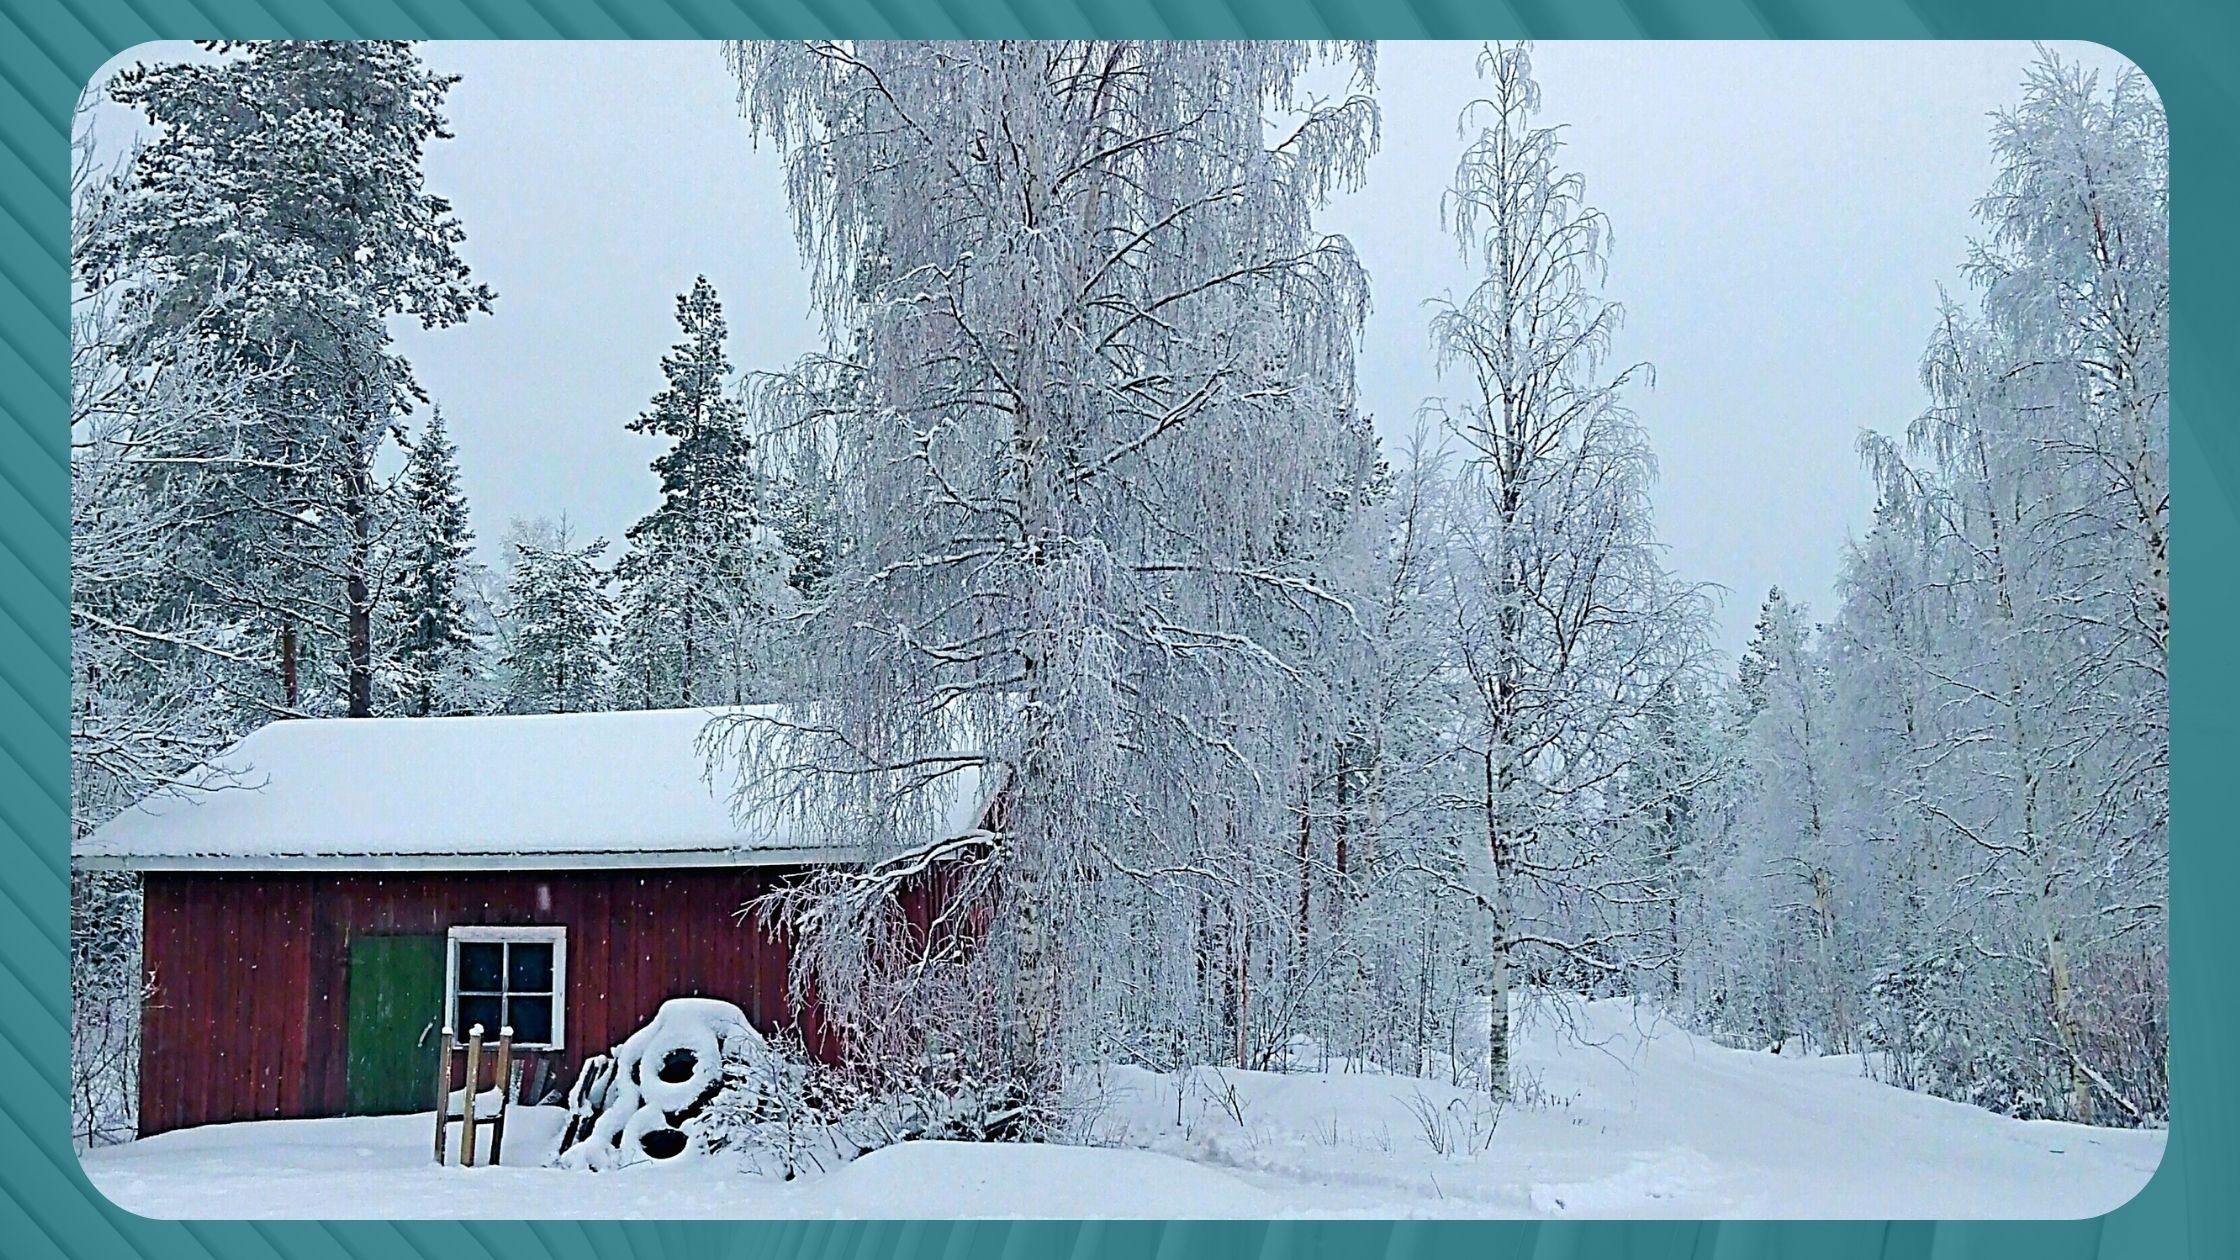 Suomen luminen talvimaisema